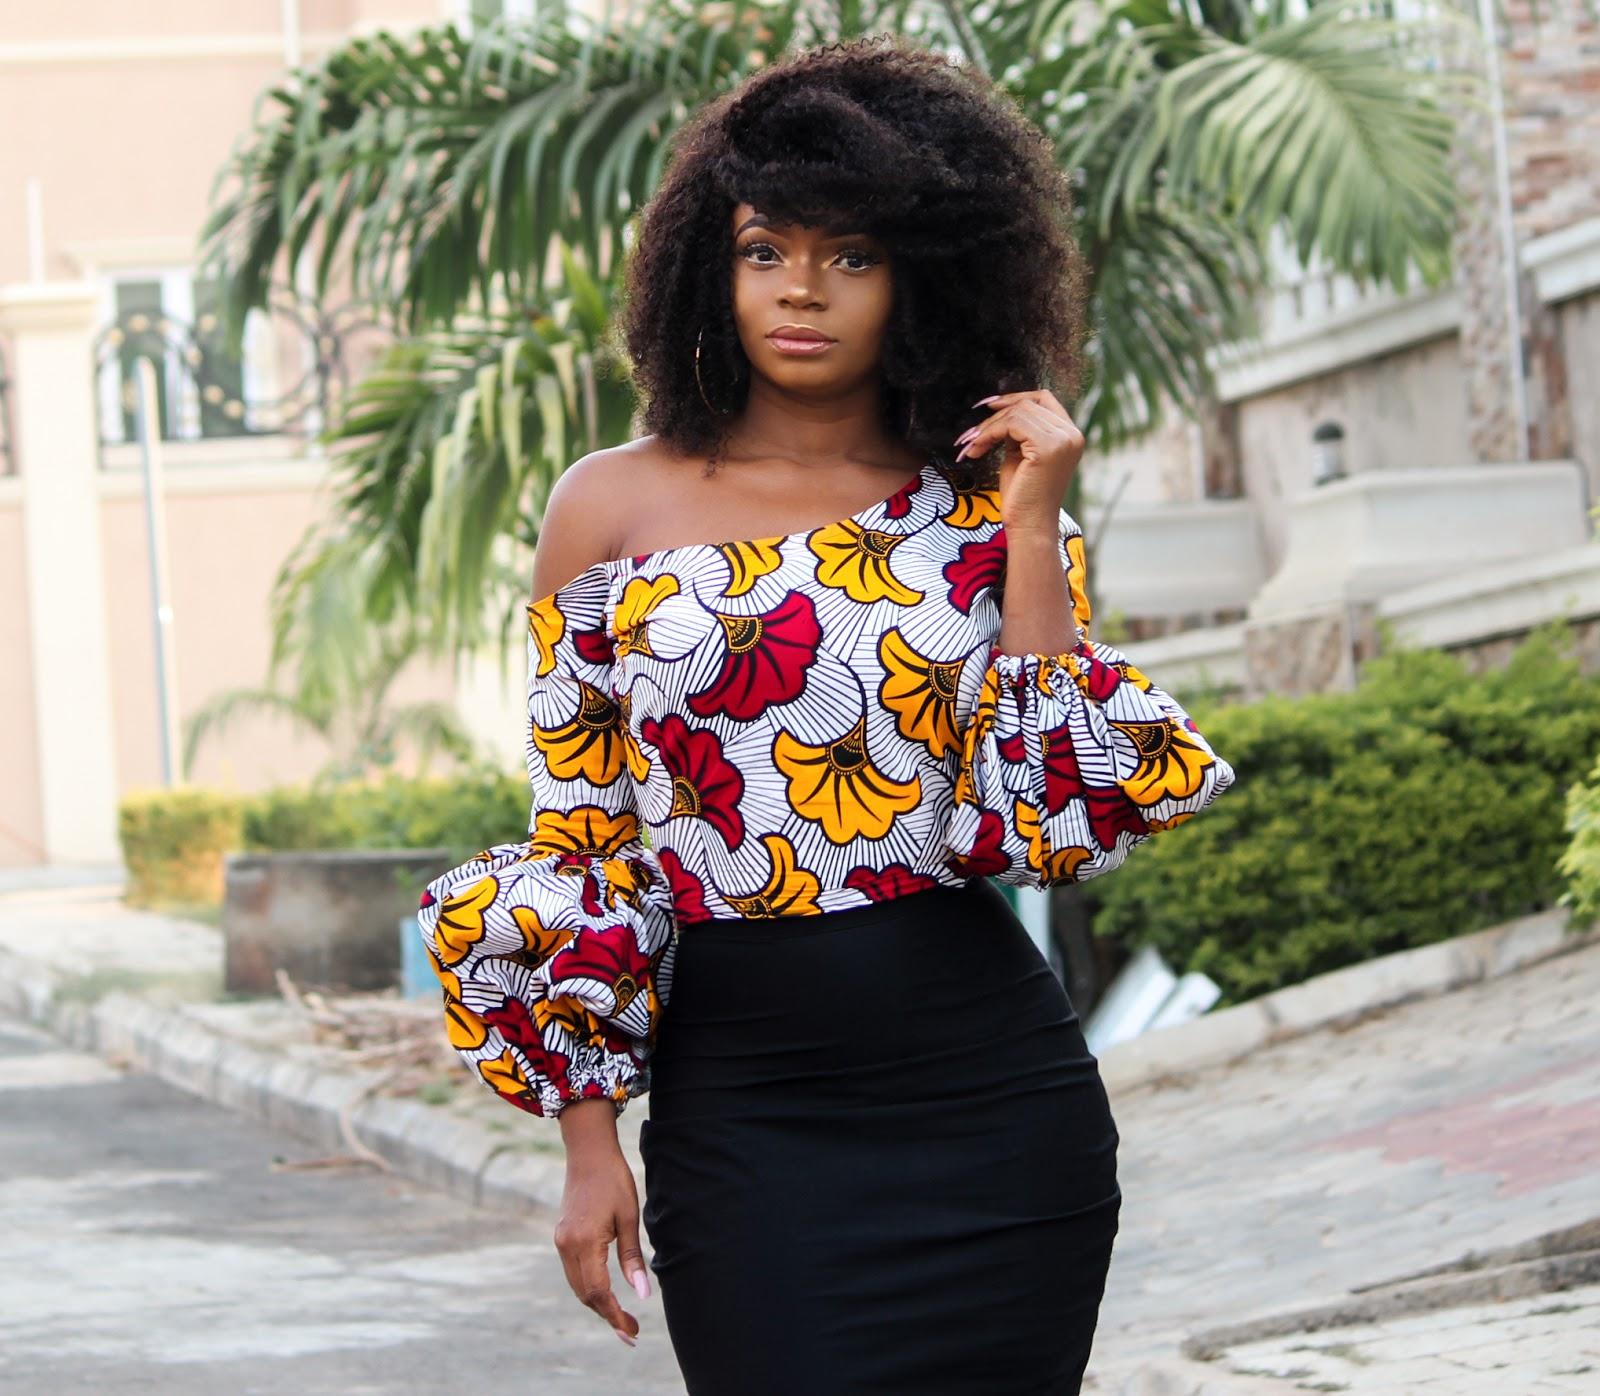 ANKARA TOP + BLACK MIDI SKIRT - African Print Skewed Neckline Top with Black Midi Skirt